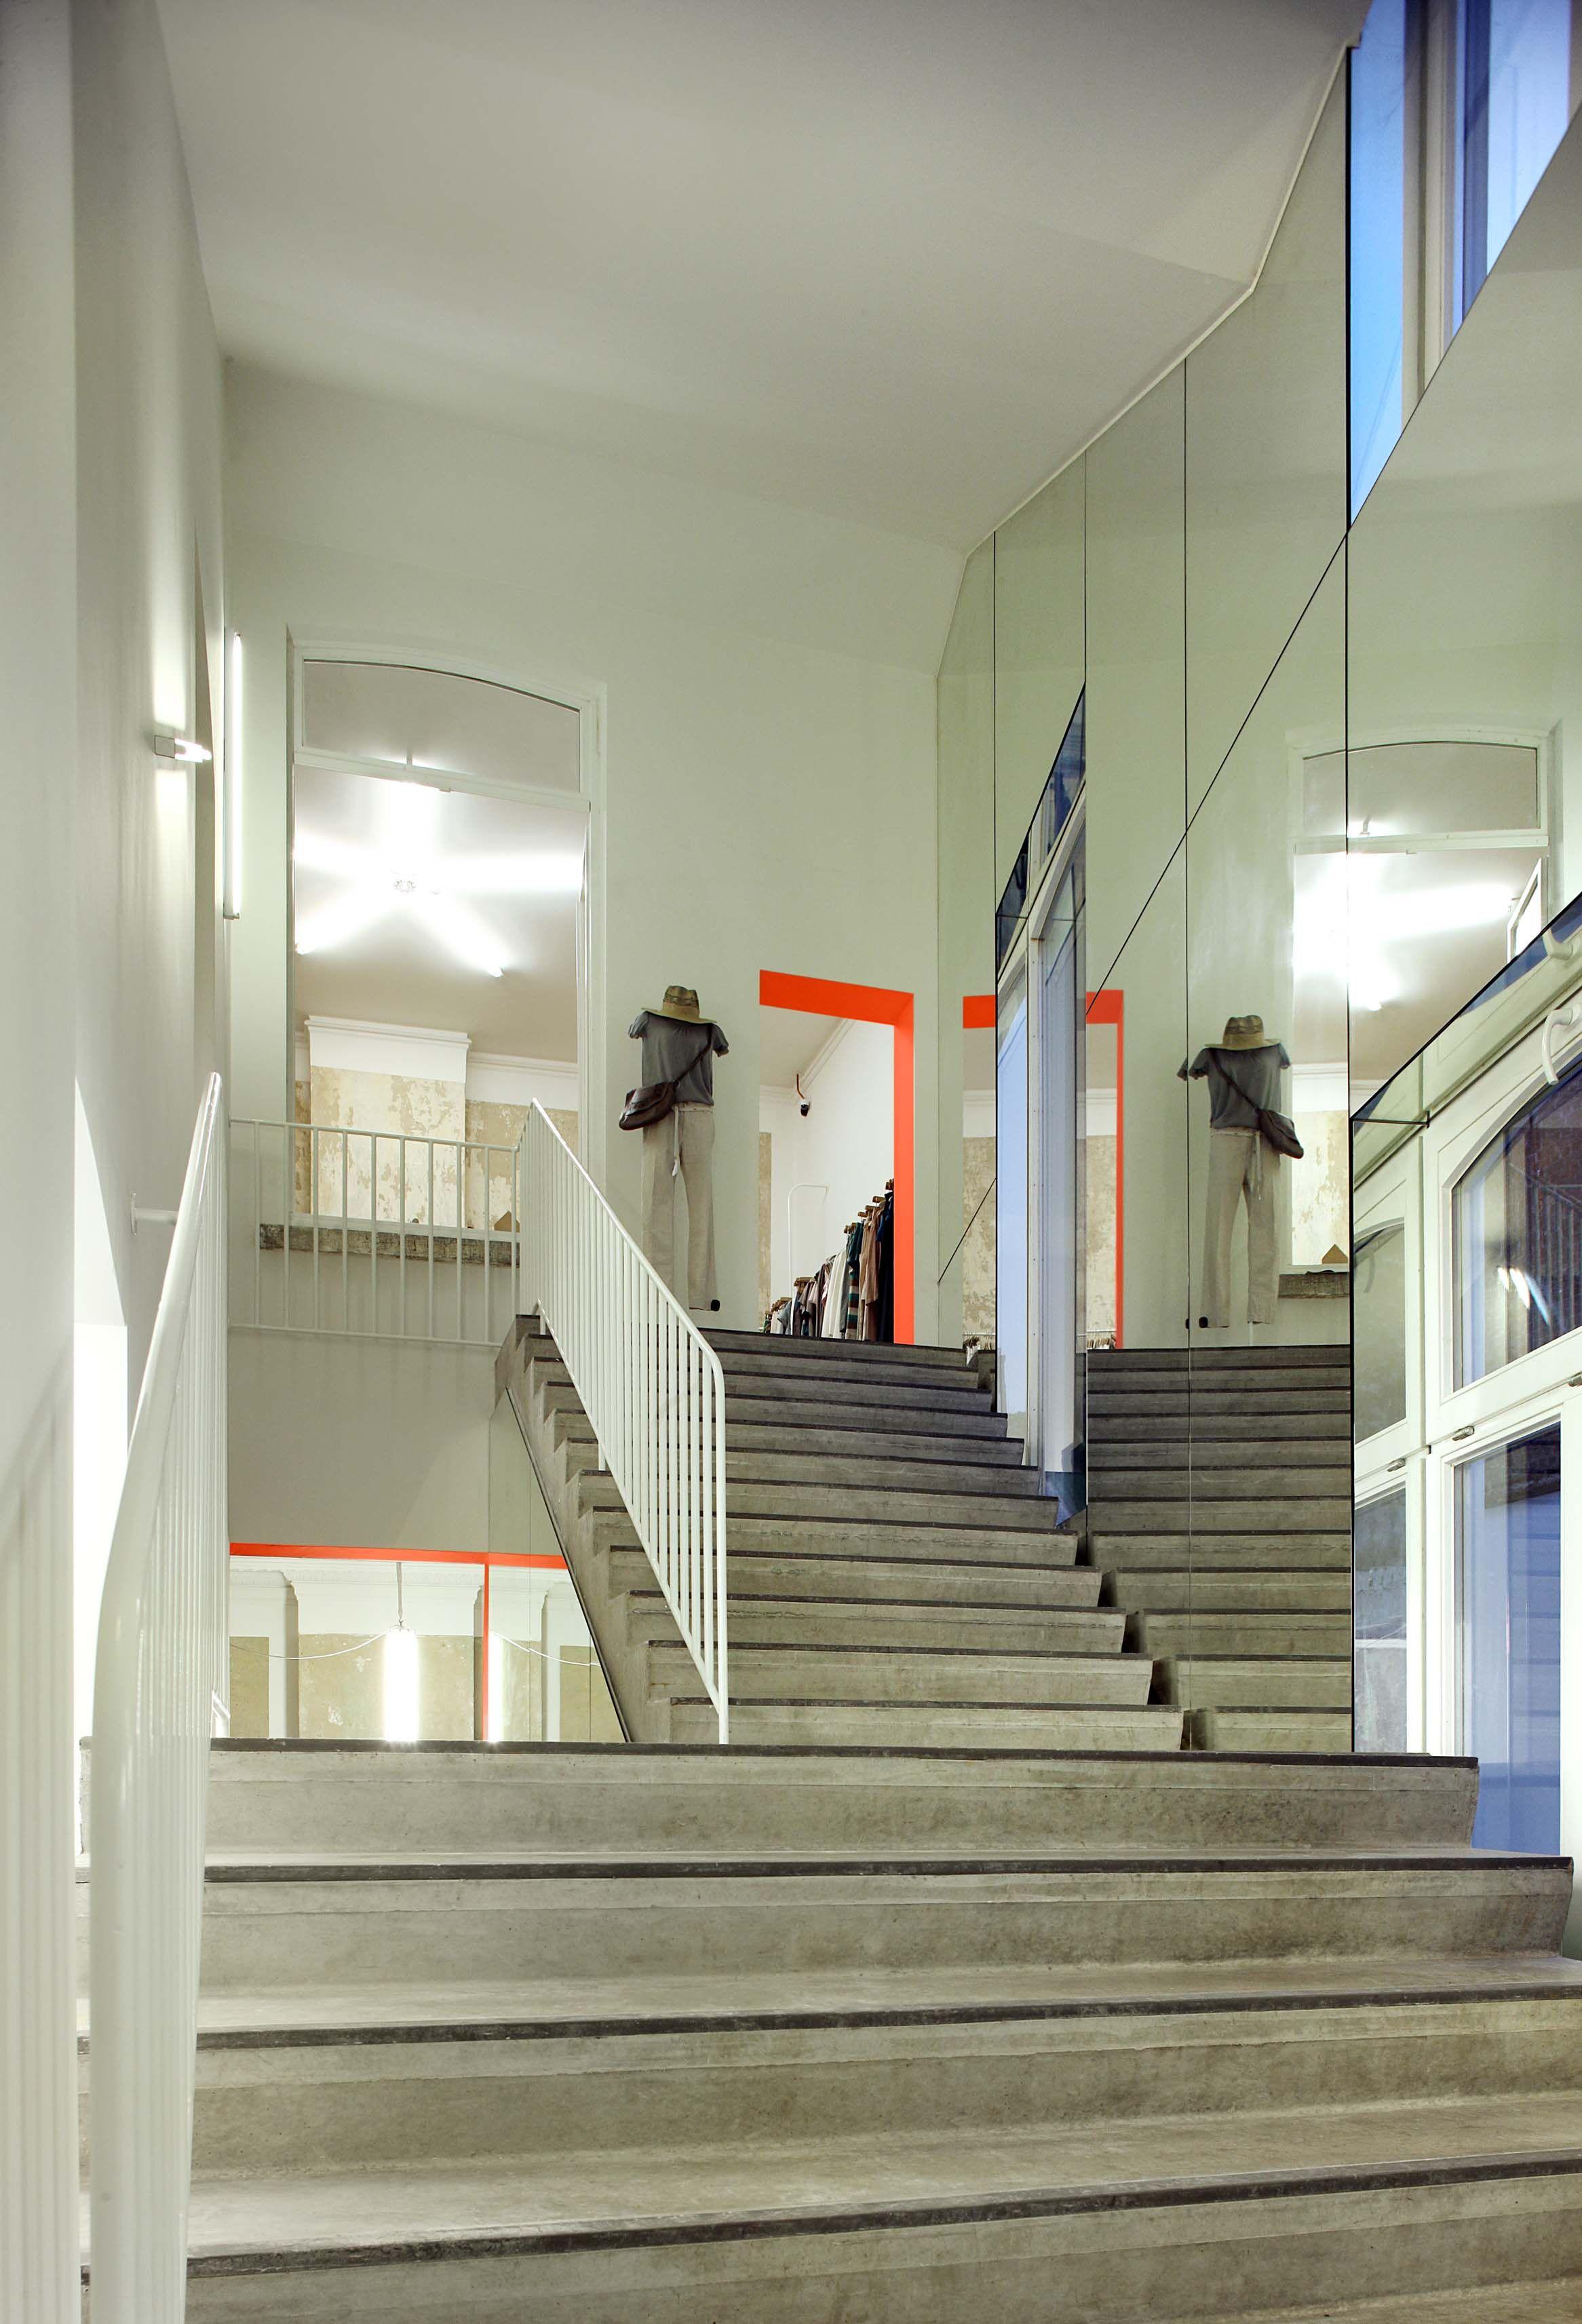 De vylder en taillieu google zoeken architecture for Architect zoeken